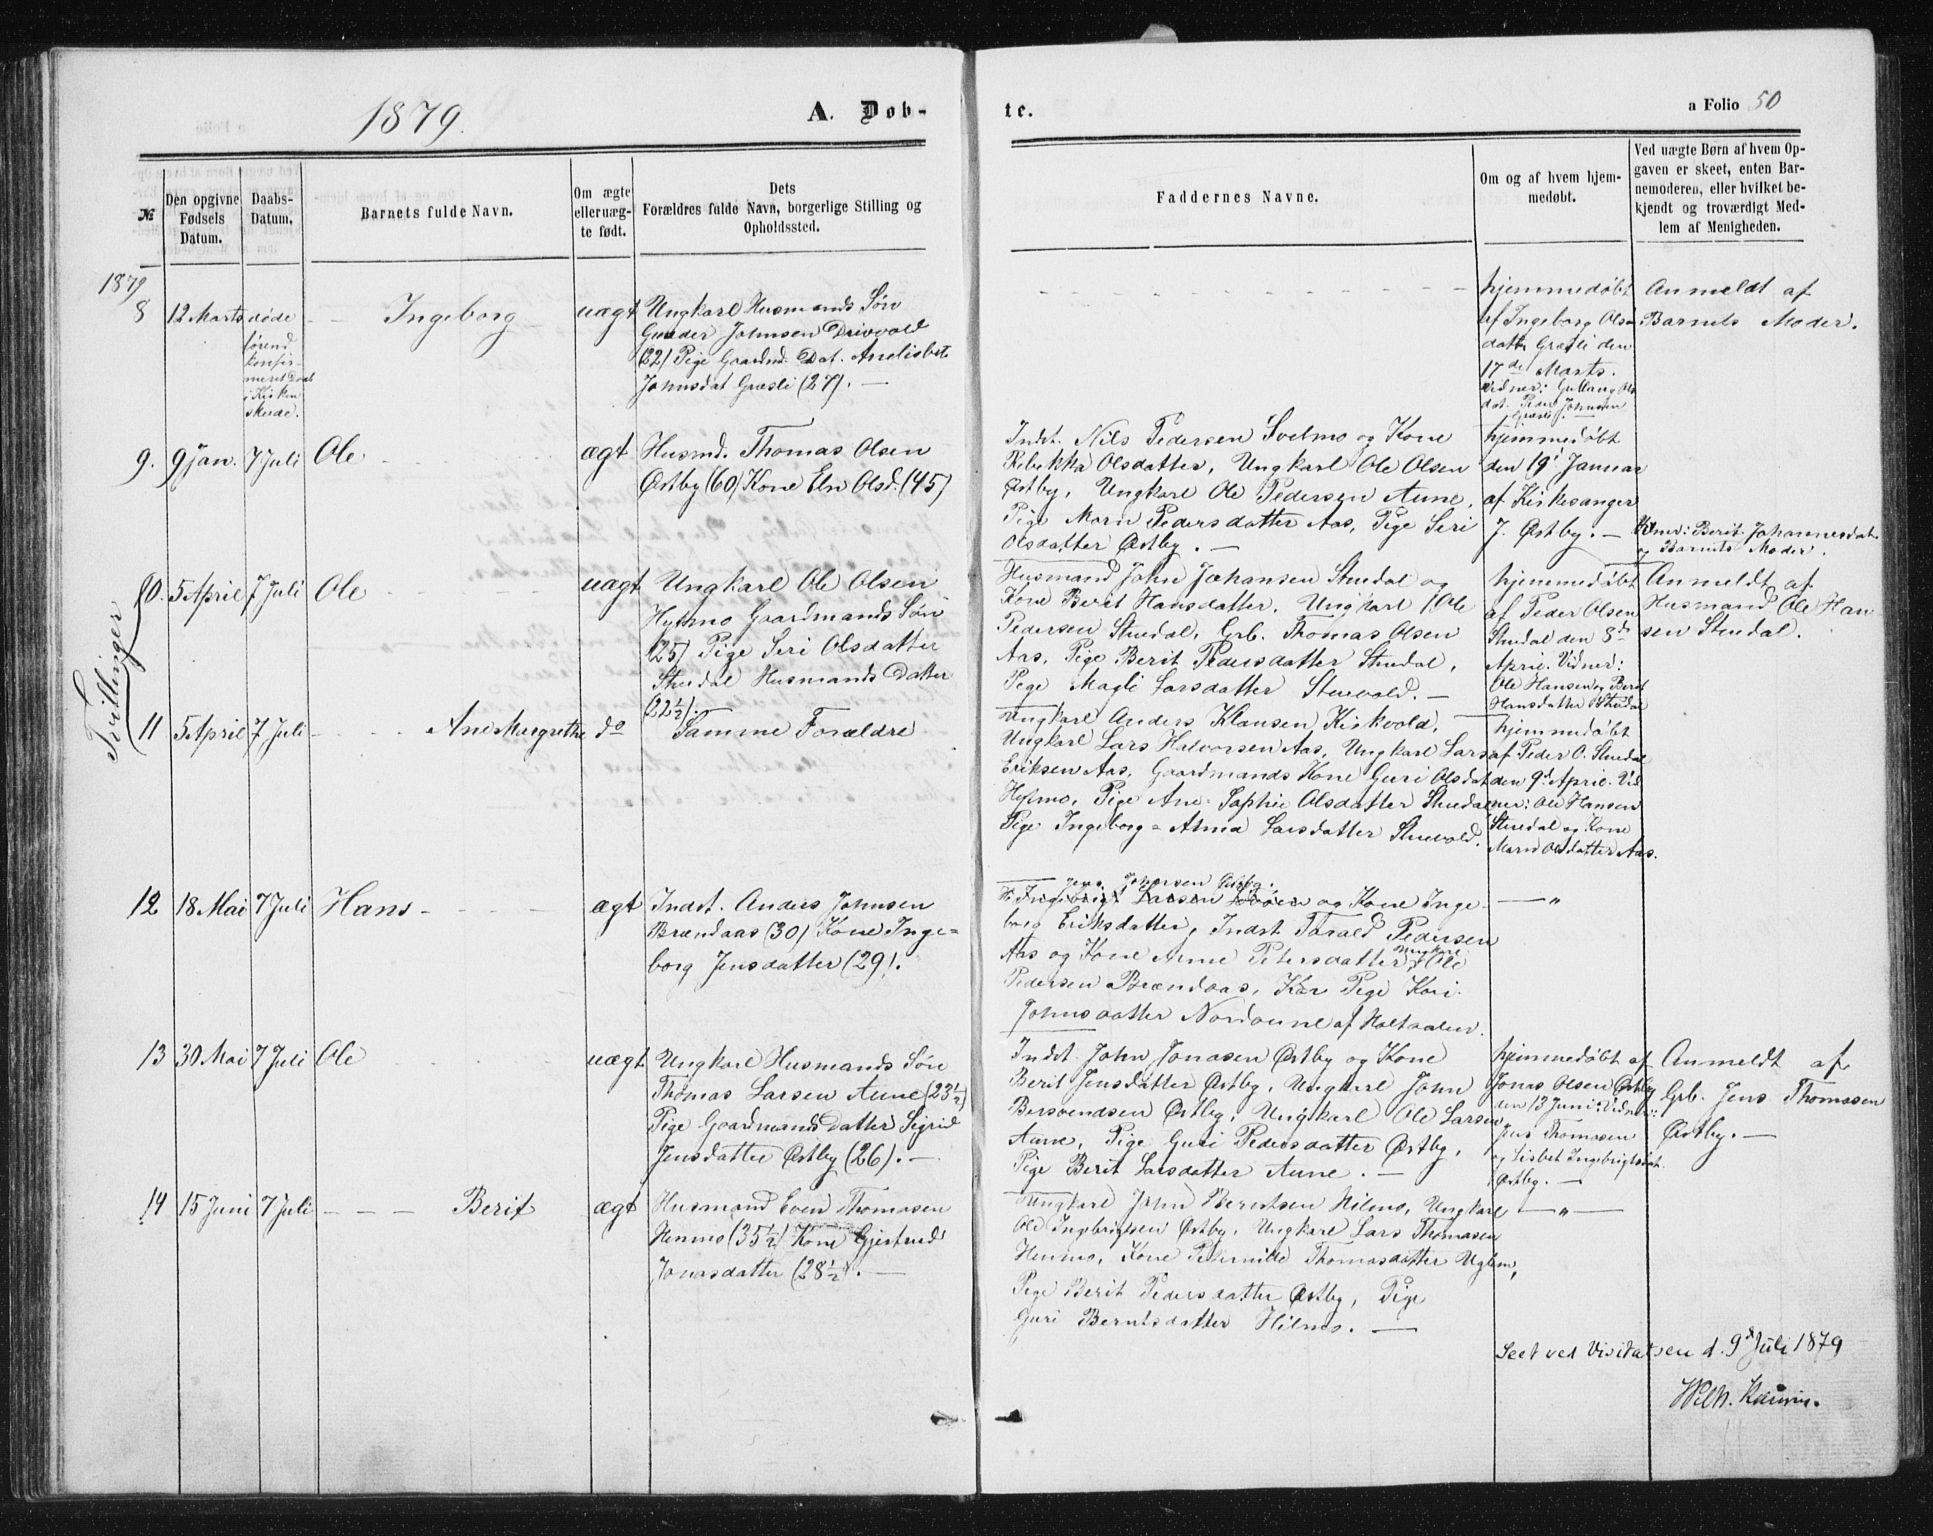 SAT, Ministerialprotokoller, klokkerbøker og fødselsregistre - Sør-Trøndelag, 698/L1166: Klokkerbok nr. 698C03, 1861-1887, s. 50